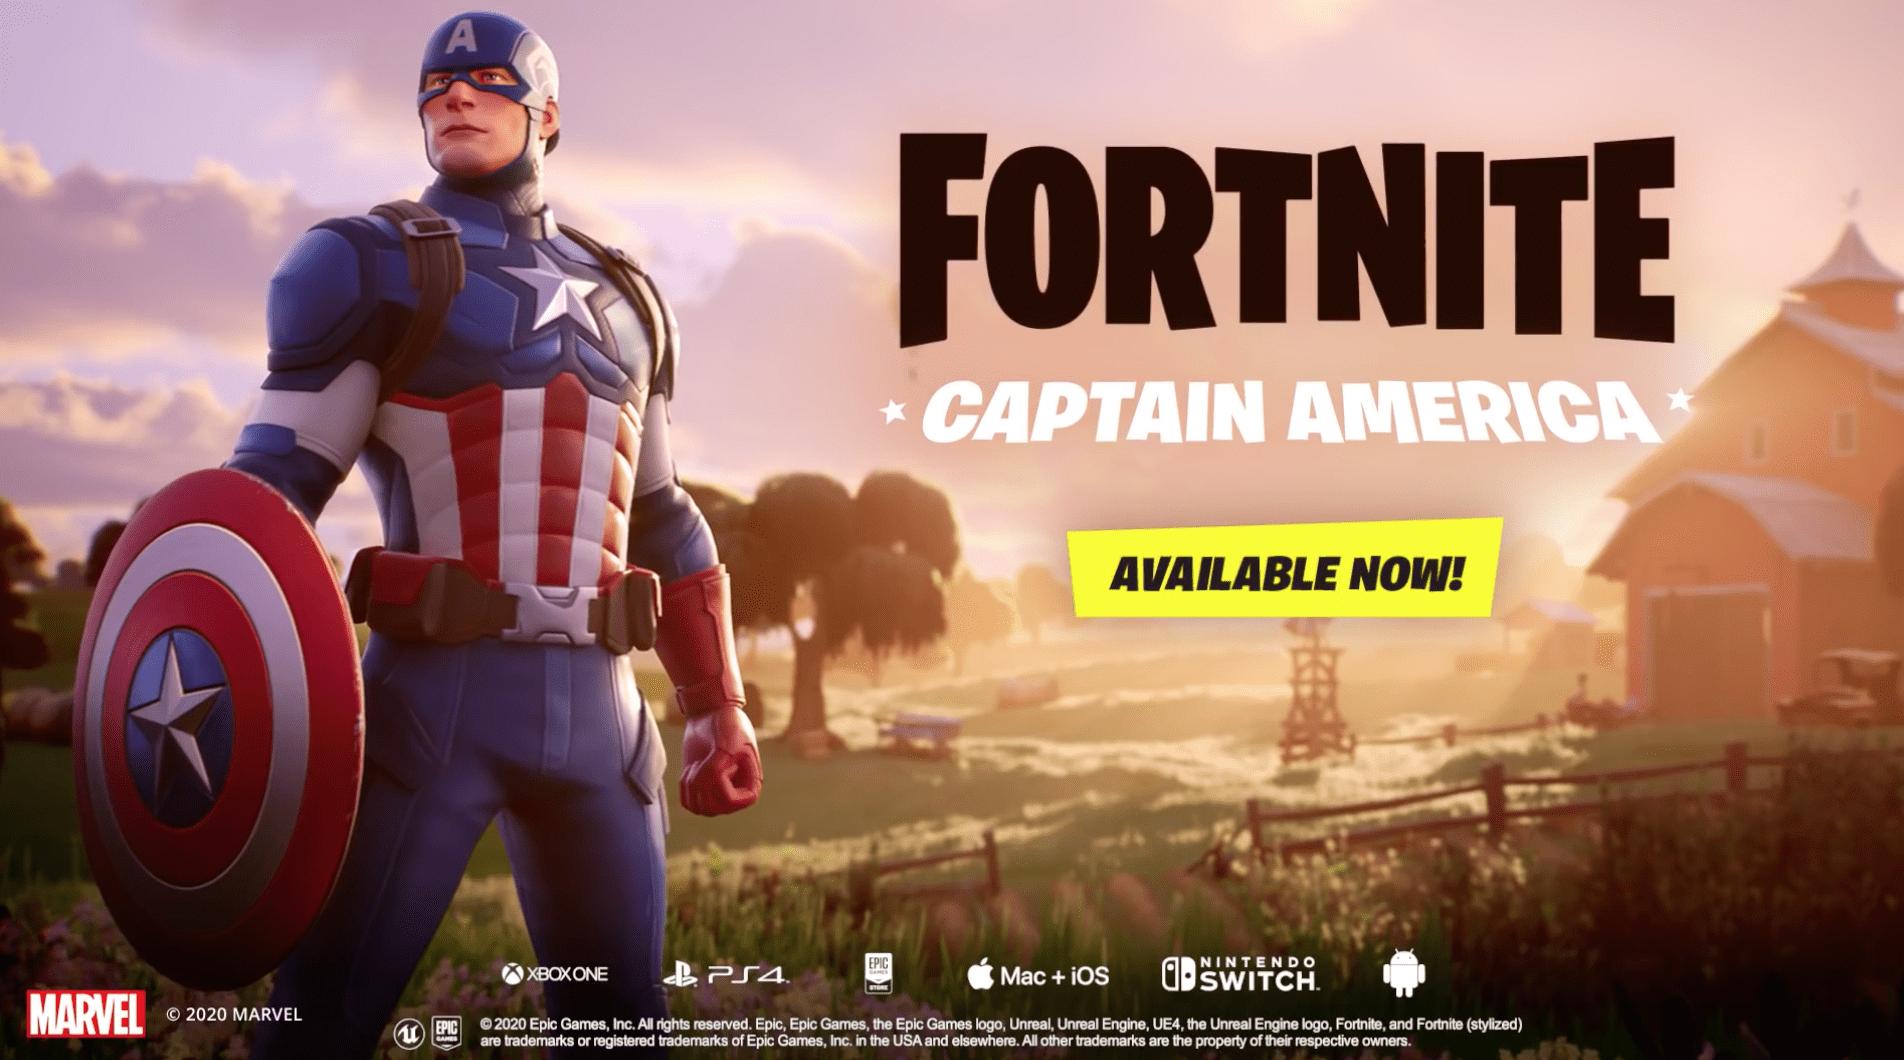 Captain America in Fortnite